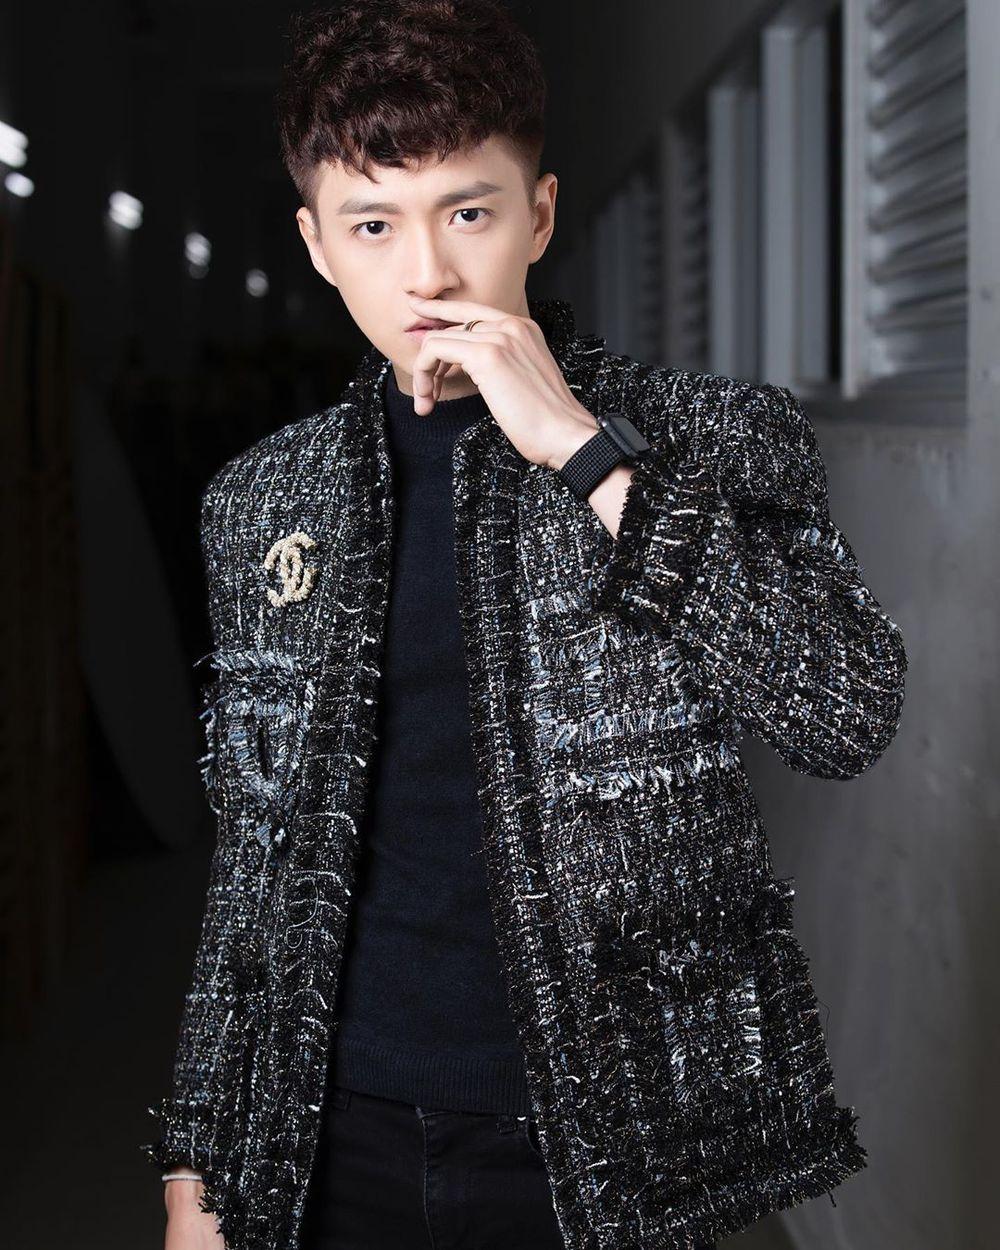 Khi đổi sang kiểu áo khoác vải tweed đơn giản, màu sắc trầm hơn, Ngô Kiến Huy trông mạnh mẽ hơn hẳn.